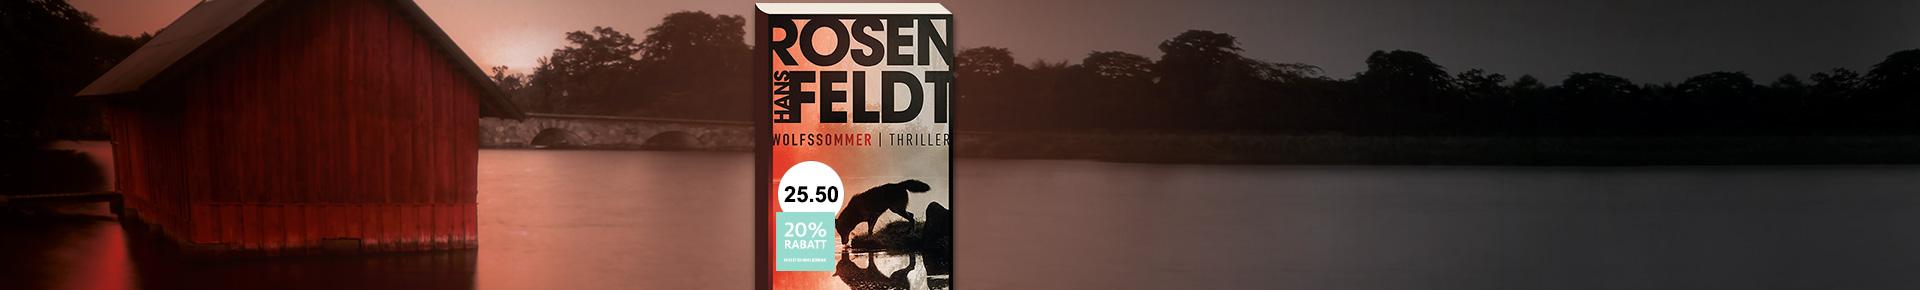 Das neue Buch von Hans Rosenfeldt jetzt portofrei bestellen.